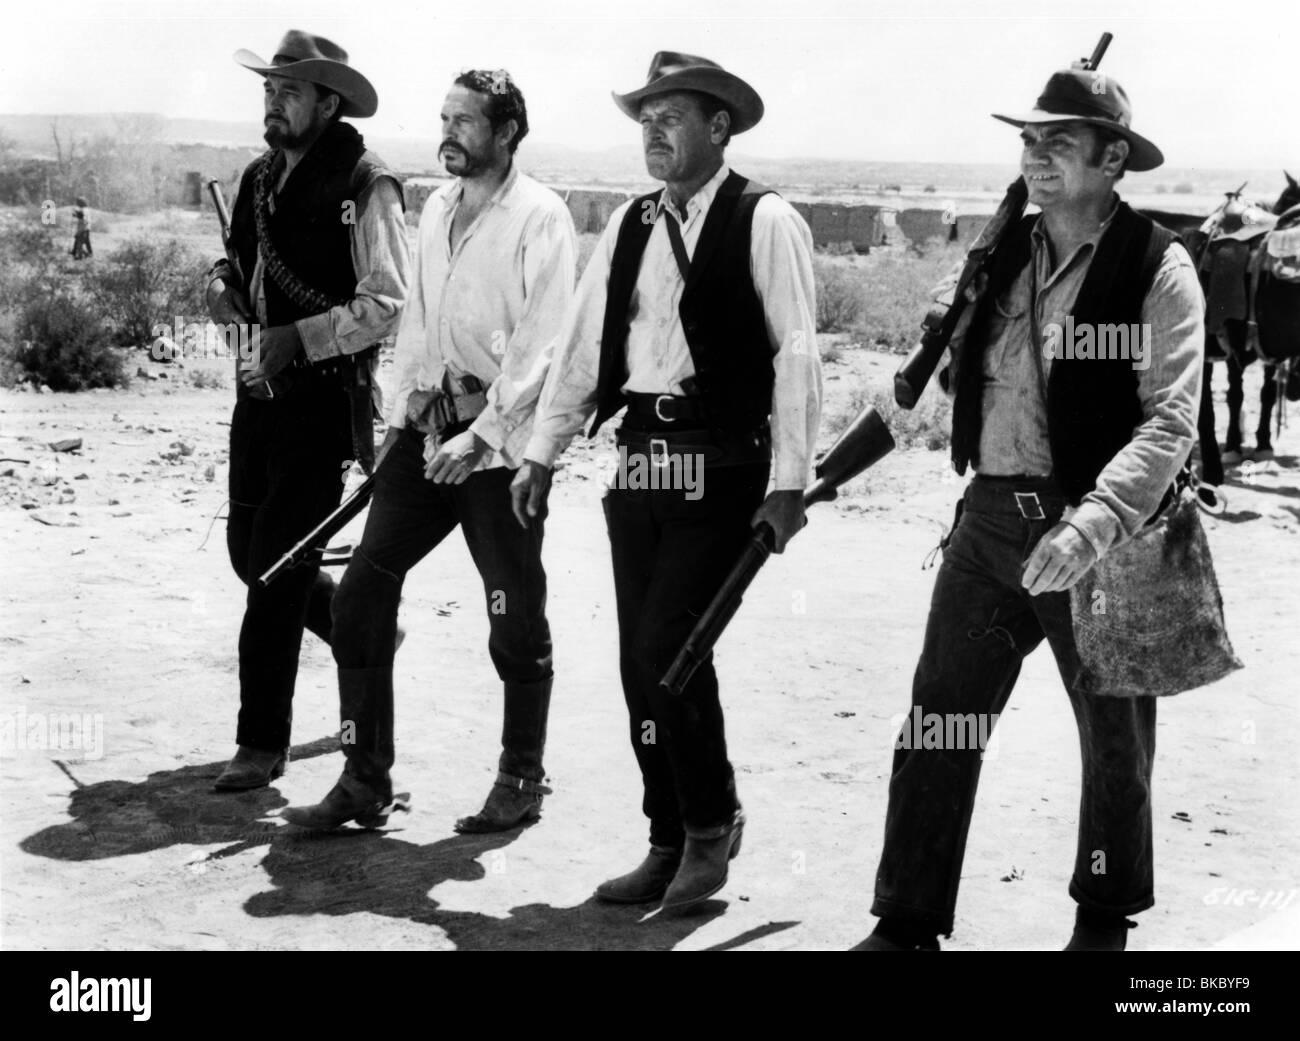 THE WILD BUNCH (1969) BEN JOHNSON, WARREN OATES, WILLIAM HOLDEN, ERNEST BORGNINE TWBU 009 P - Stock Image